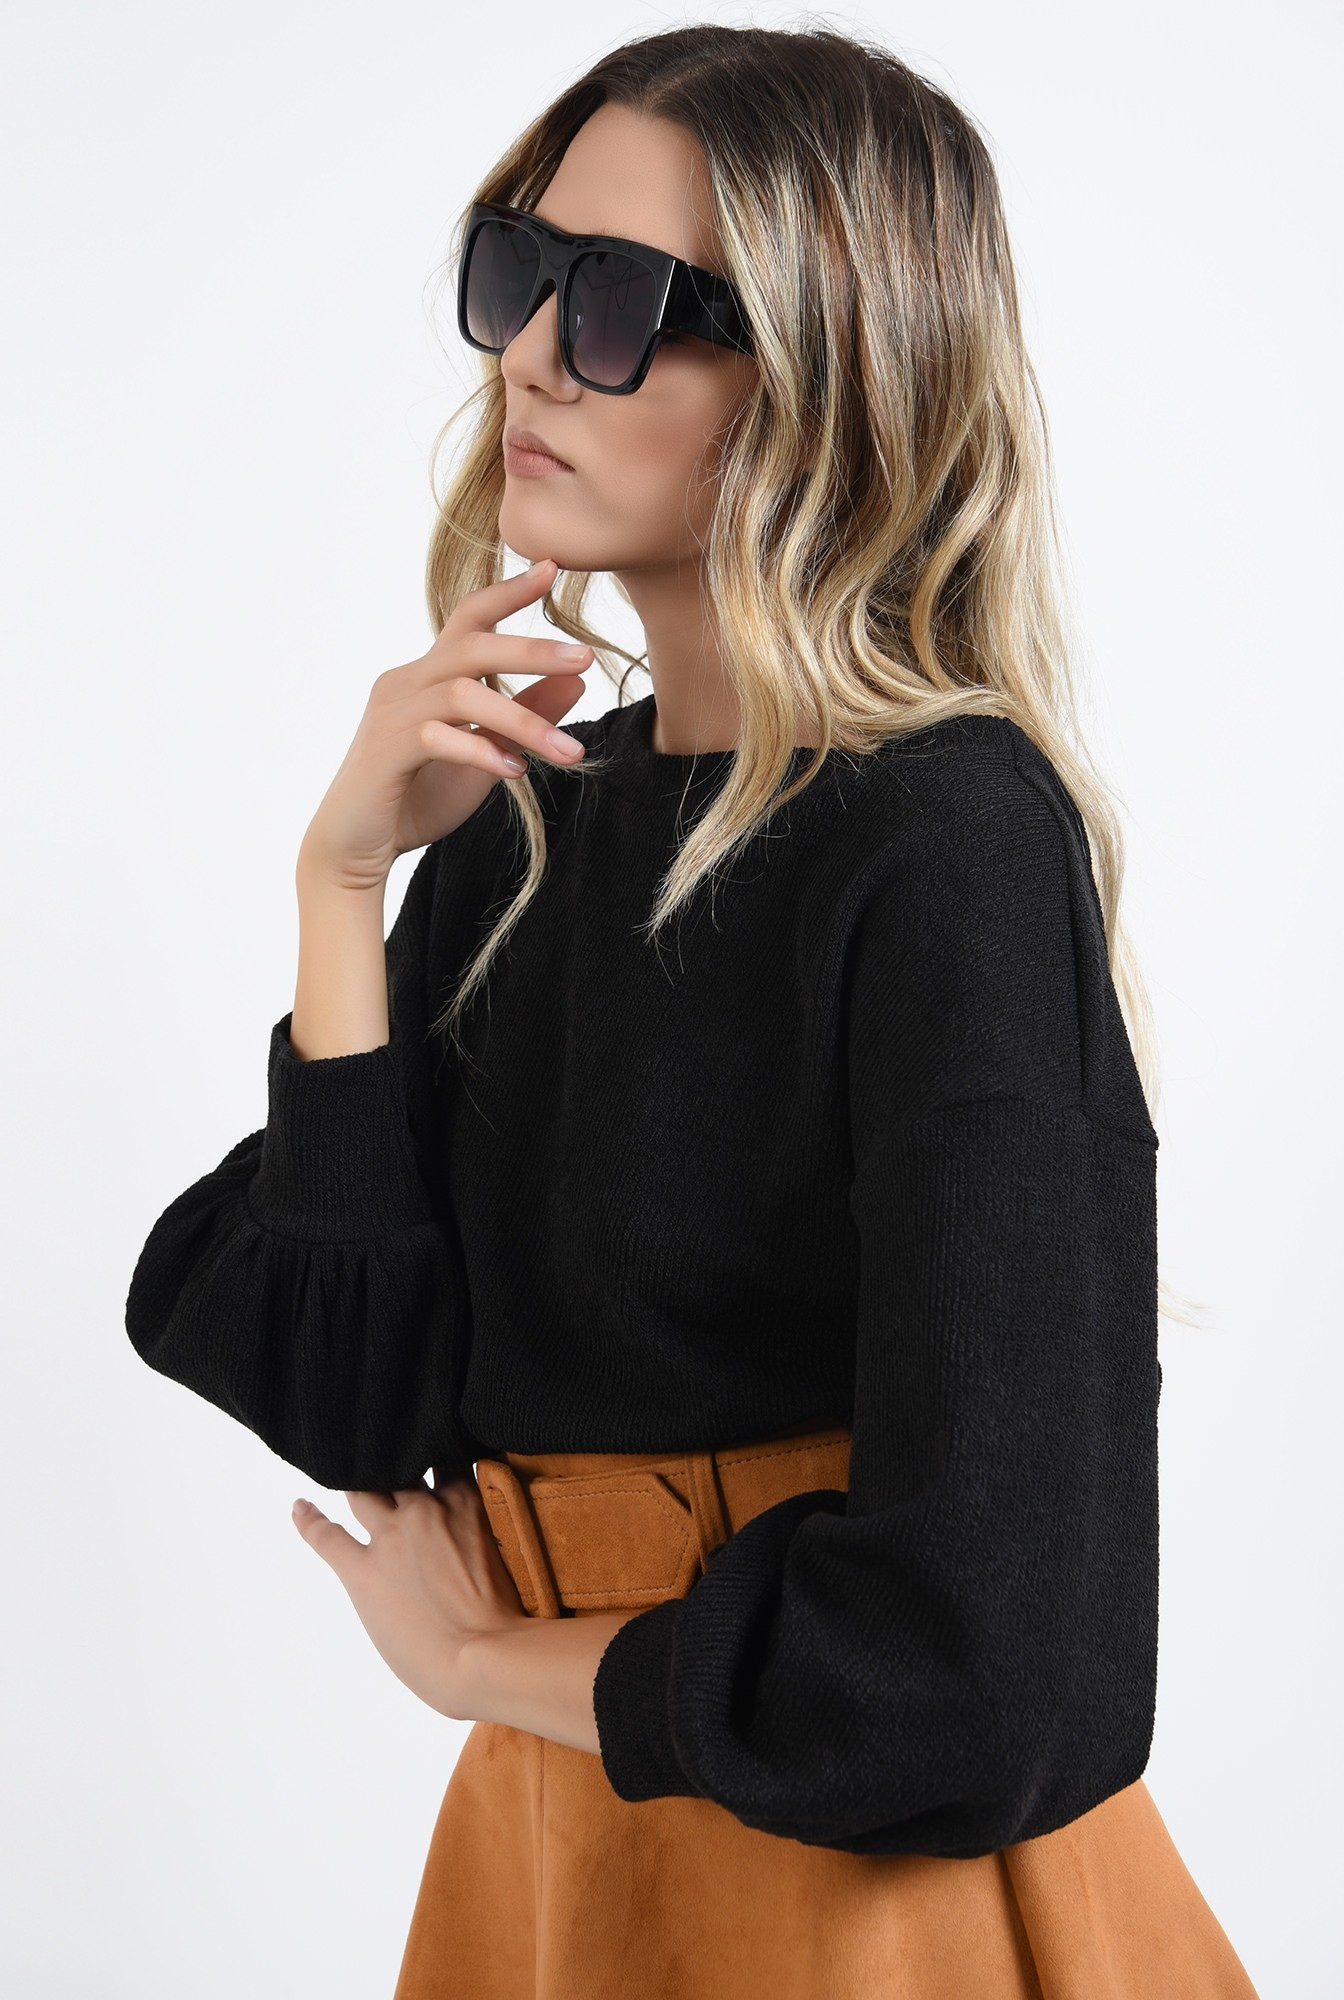 1 - pulover negru, cu maneca bufanta, cu spatele decupat